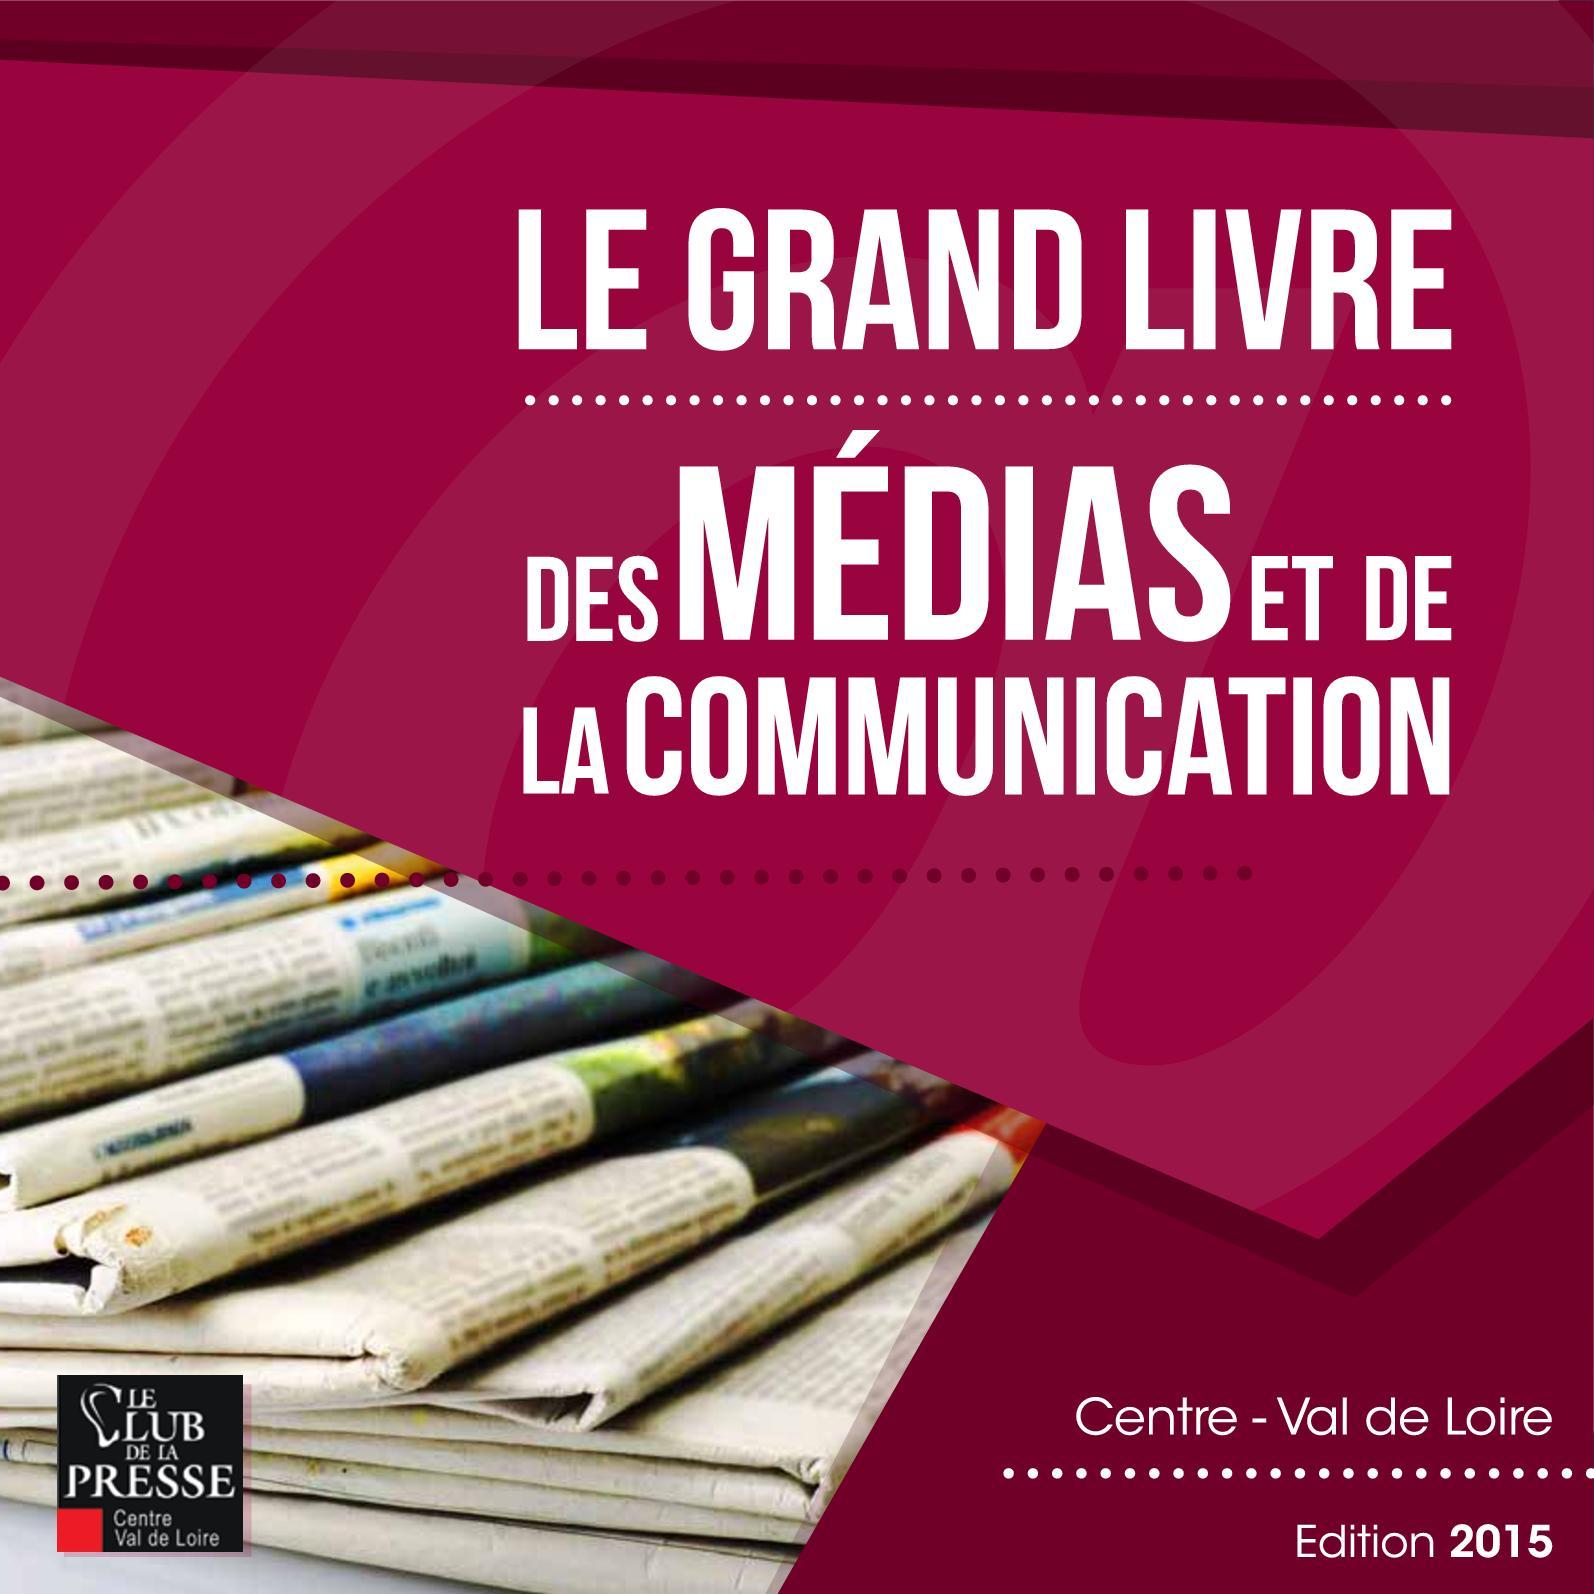 Calaméo Et La Communication 2015 Grand Des Médias Livre De W2IHE9DY